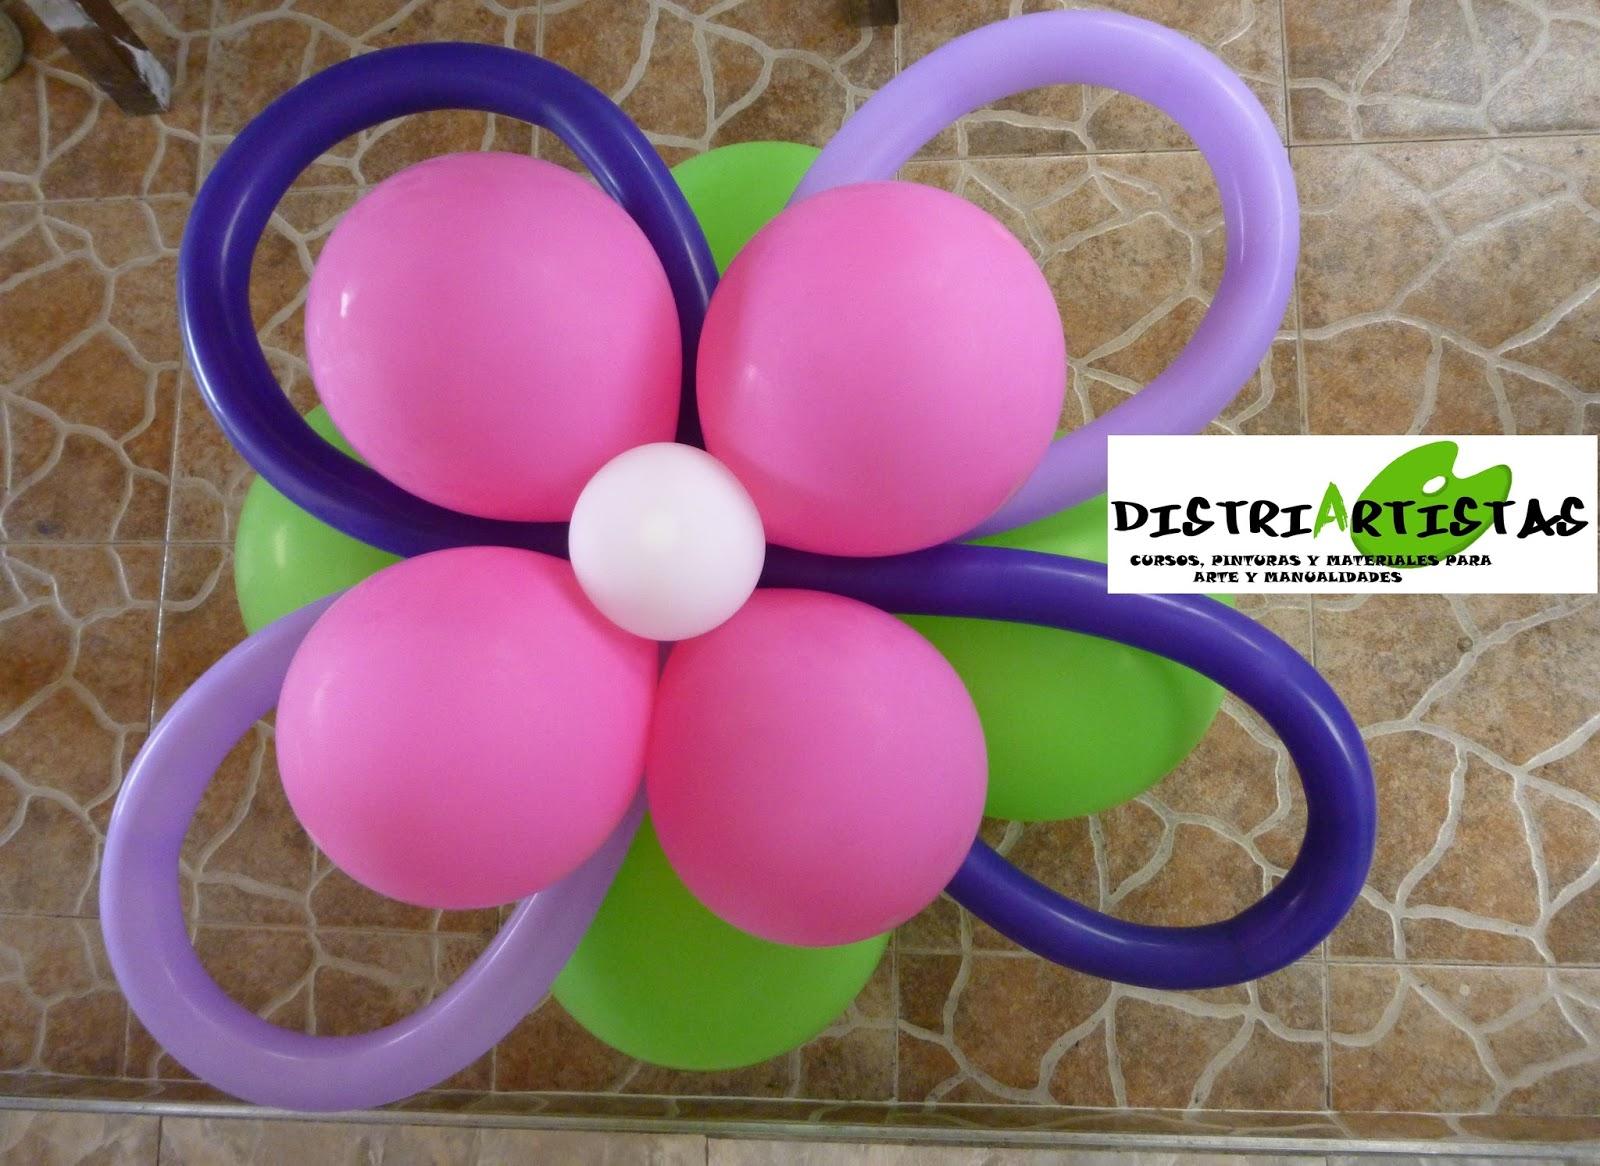 Distriartistas curso de decoracion con globos en bucaramanga for Cursos de decoracion